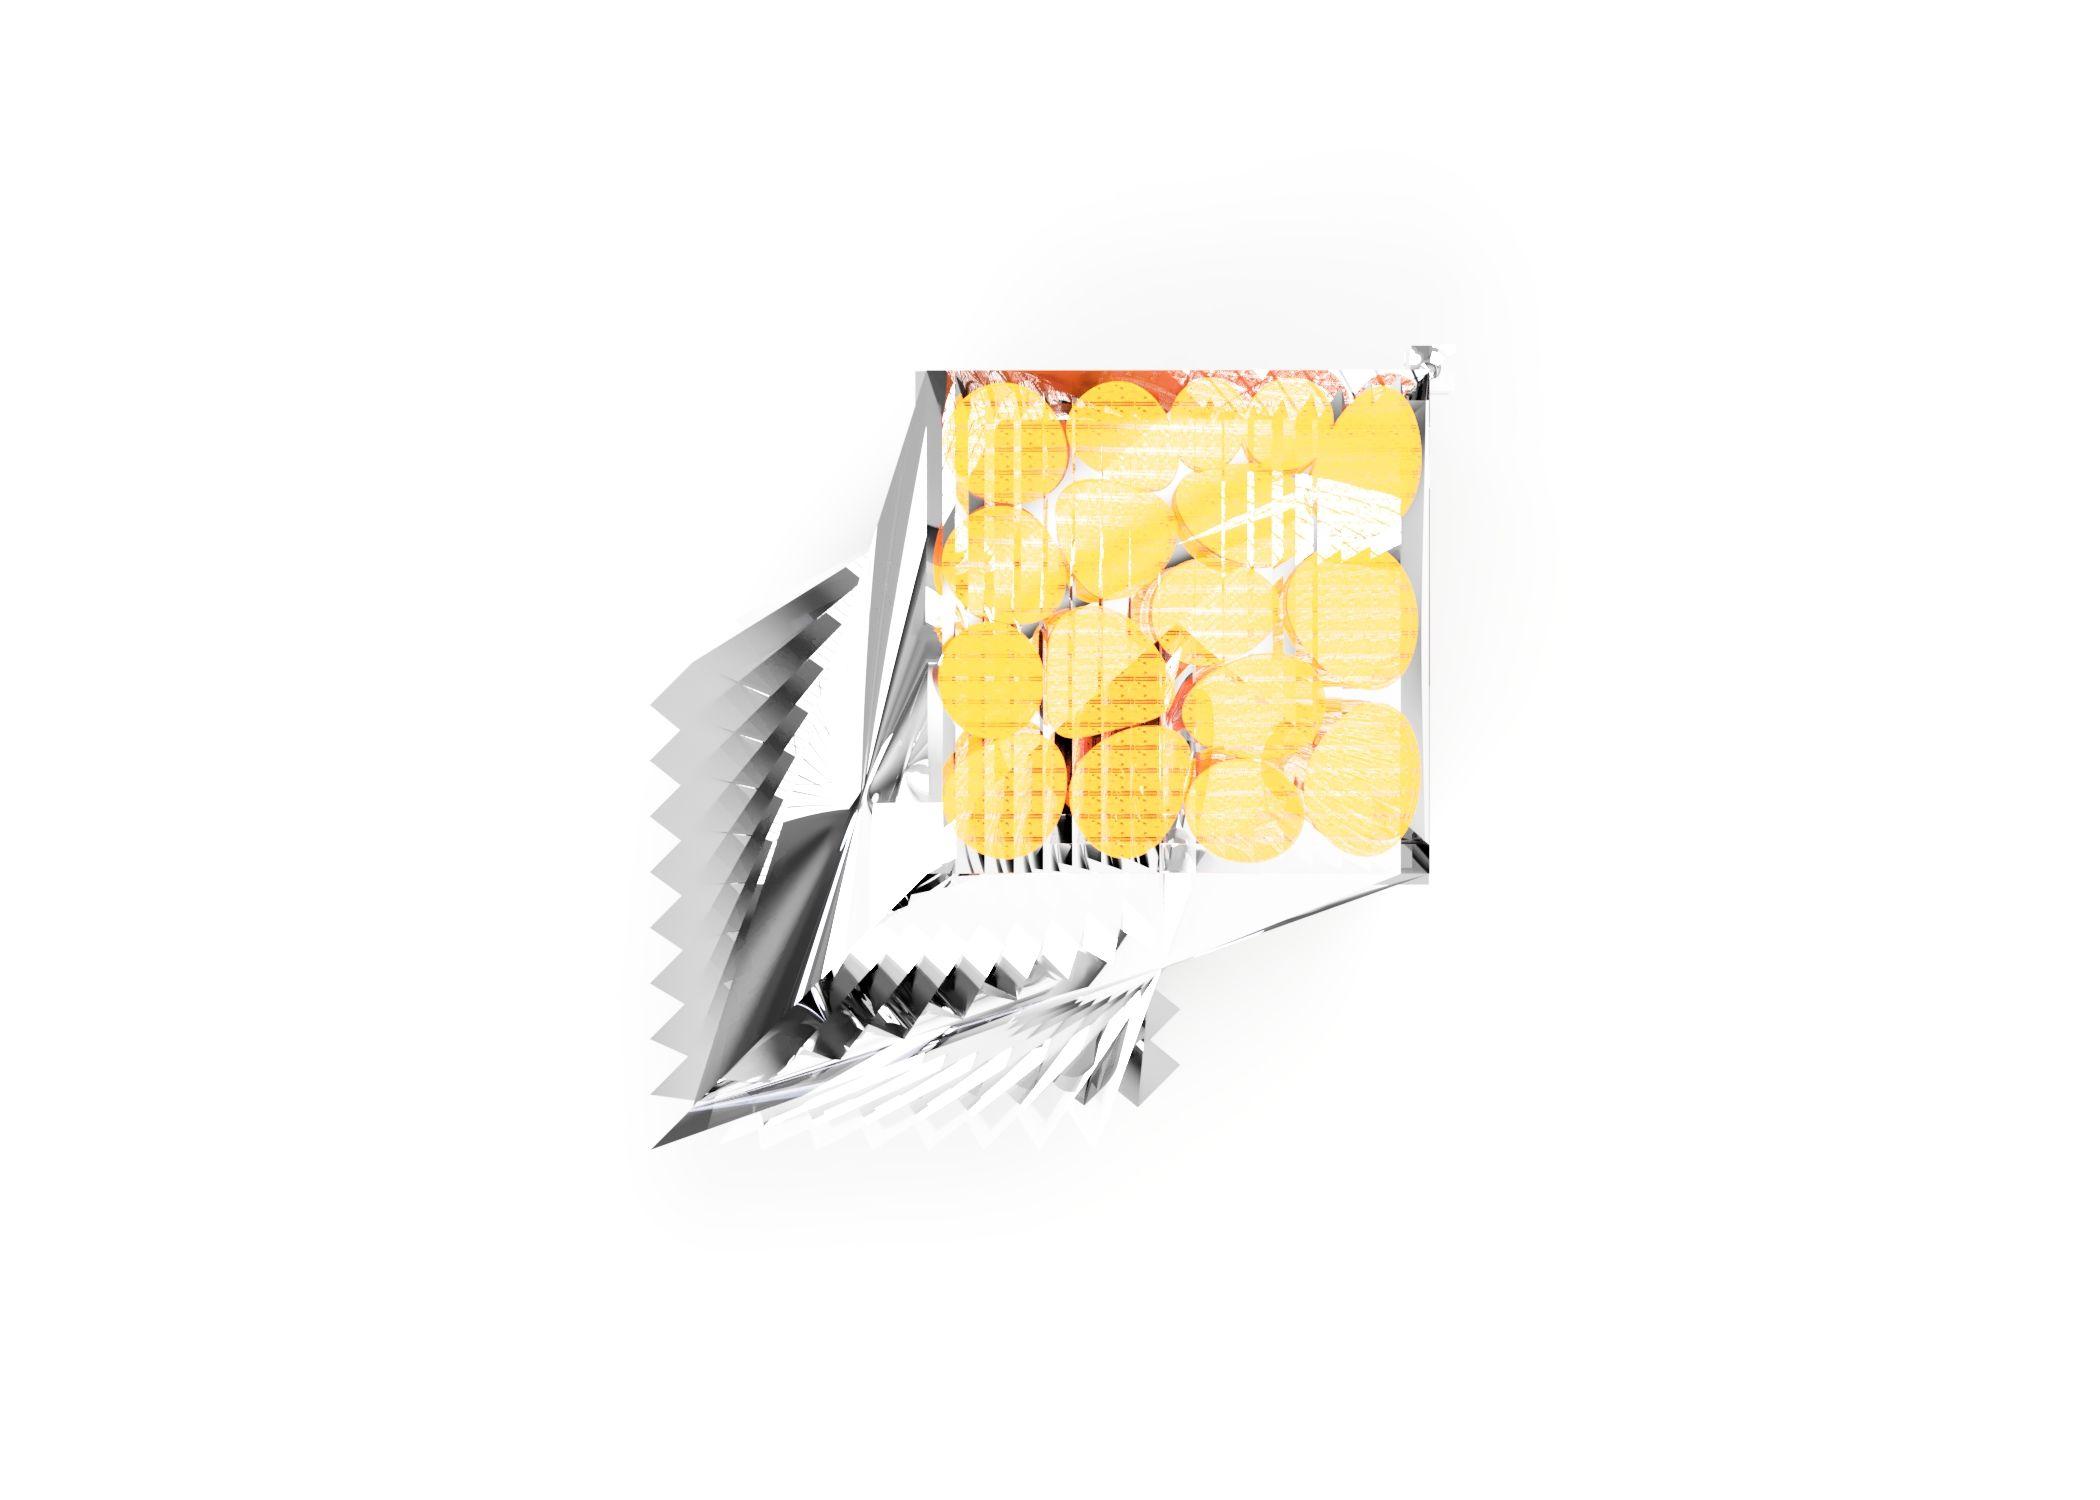 Raasrendering-bfabb96f-290c-444d-9fea-dd4f3ca71f10-3500-3500